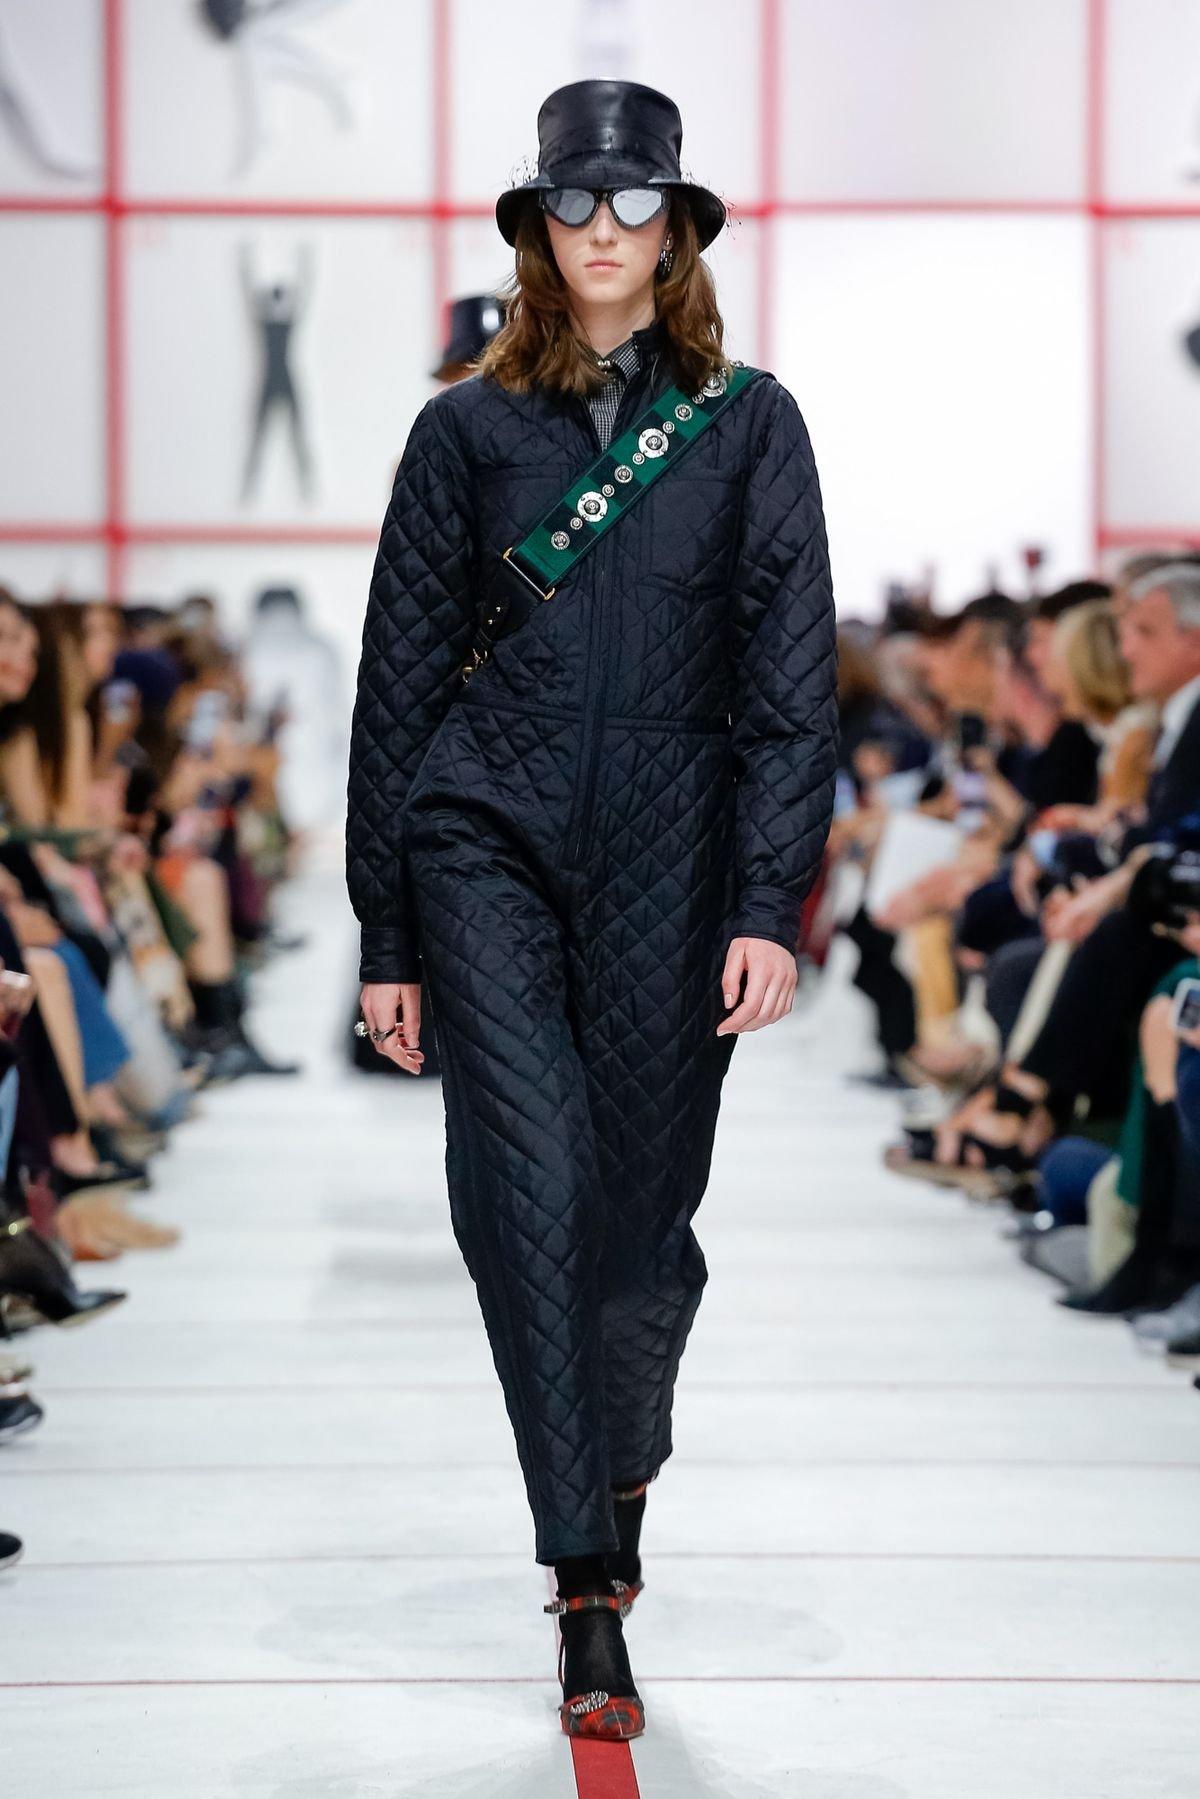 af4ebe4bd مجلة زهرة السوسن - مجموعة Dior لخريف 2019: تصاميم مستوحاة من Tomaso ...